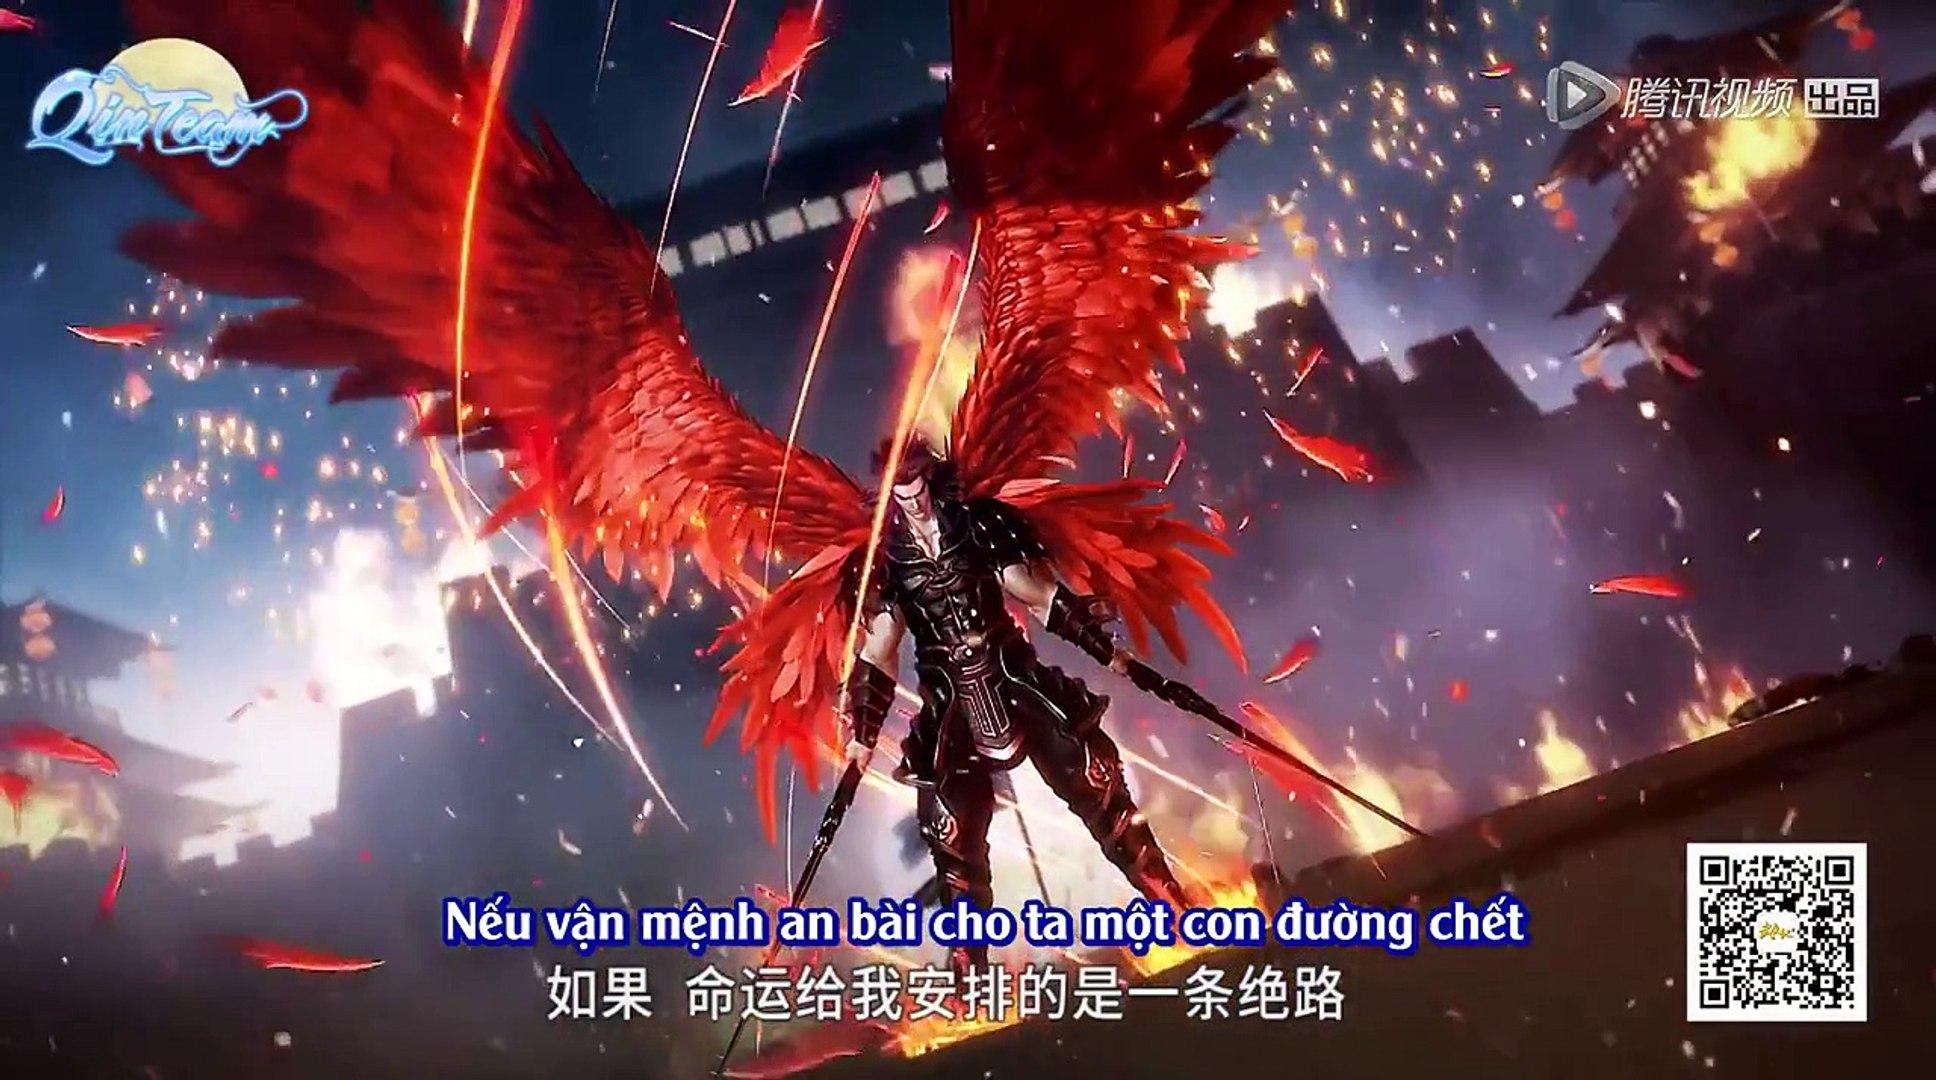 Phim Hoạt Hình Vũ Canh Kỷ phần 1 Tập 8 FULL- Nghịch Thiên Chi Quyết (2016) Wu Geng Ji | Phim Hoạt Hì